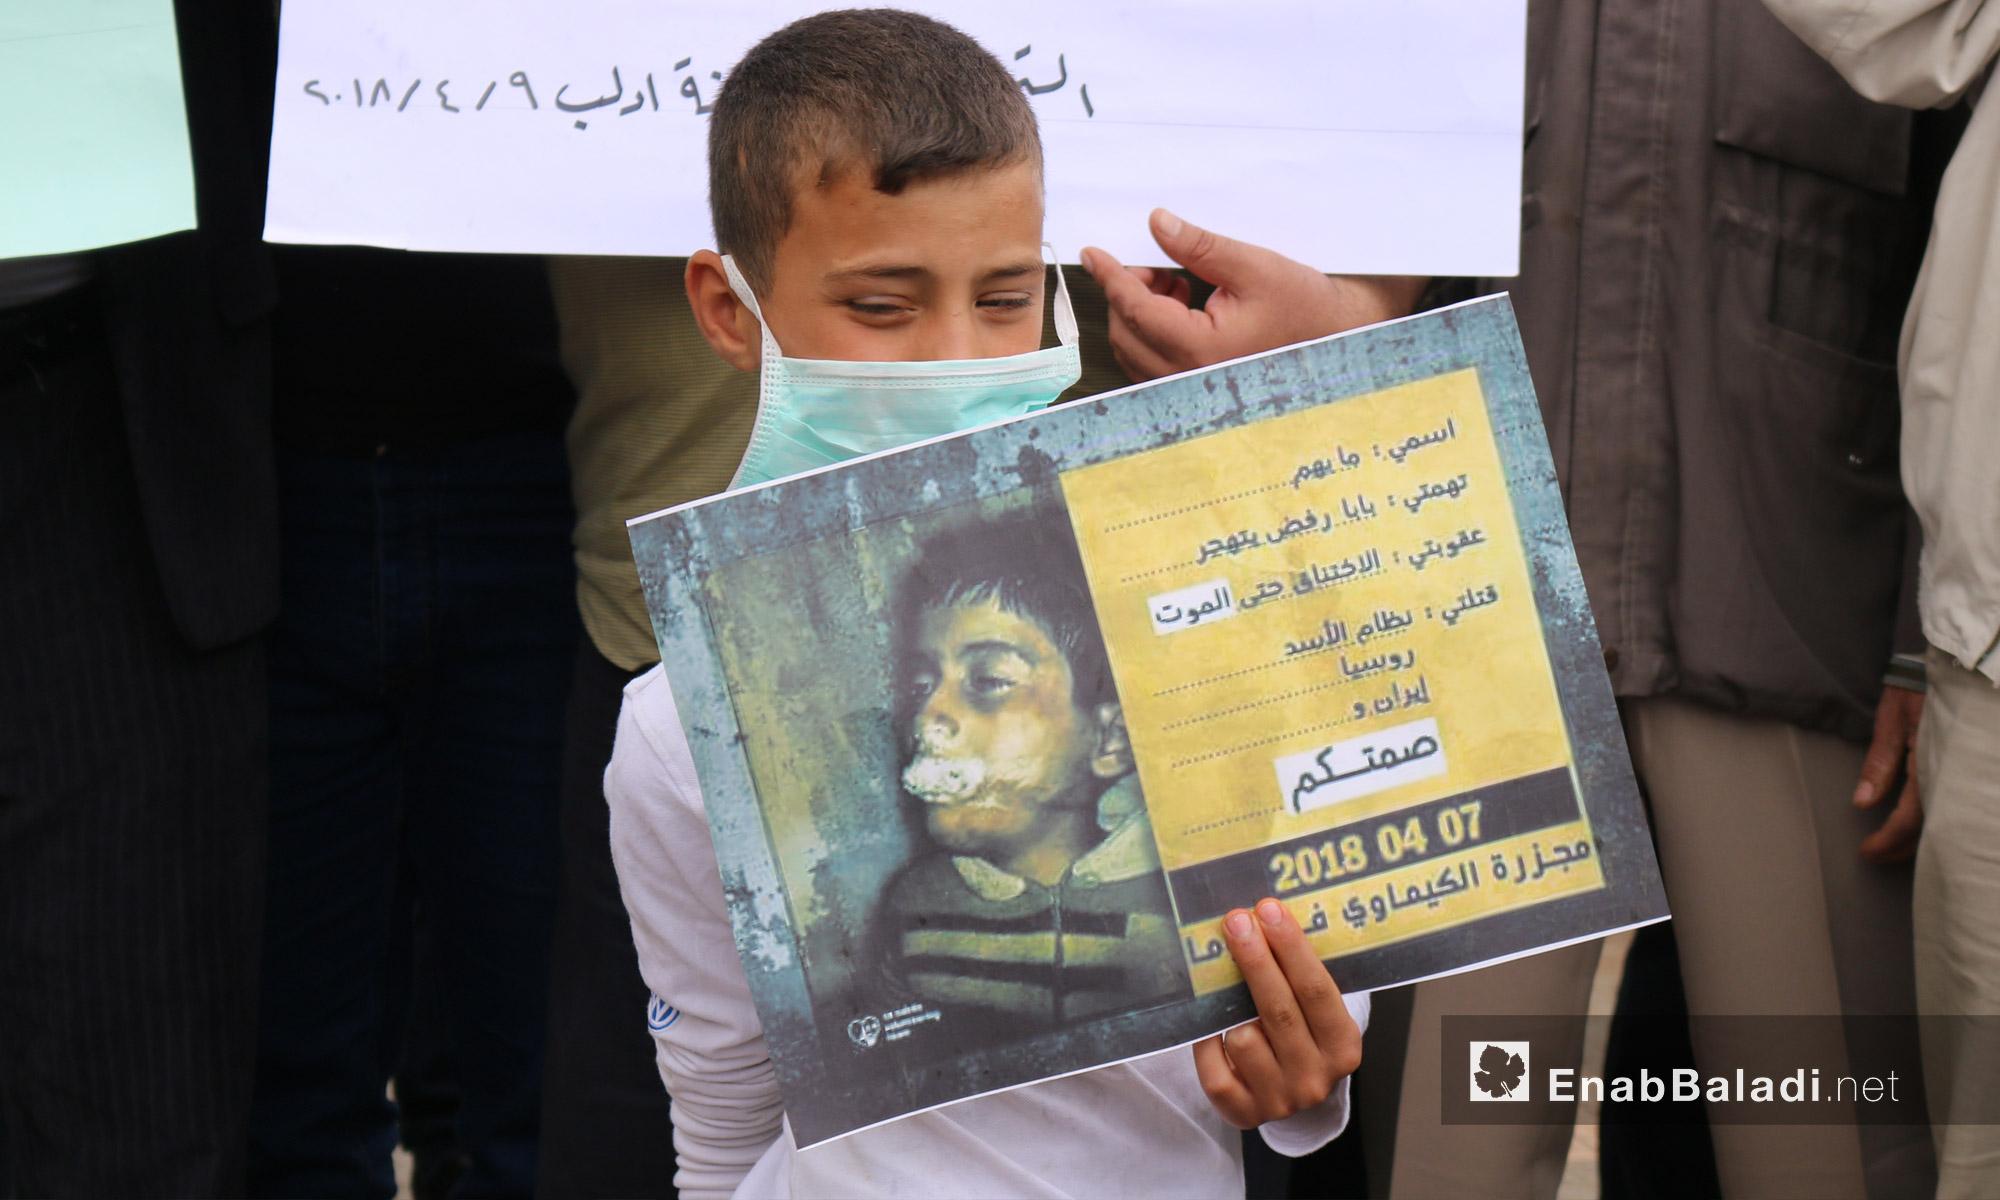 طفل يحمل صورة لأحد ضحايا الغازات السامة خلال وقفة تضامنية لأهالي إدلب مع دوما بعد مجزرة الكيماوي - 9 من نيسان 2018 (عنب بلدي)